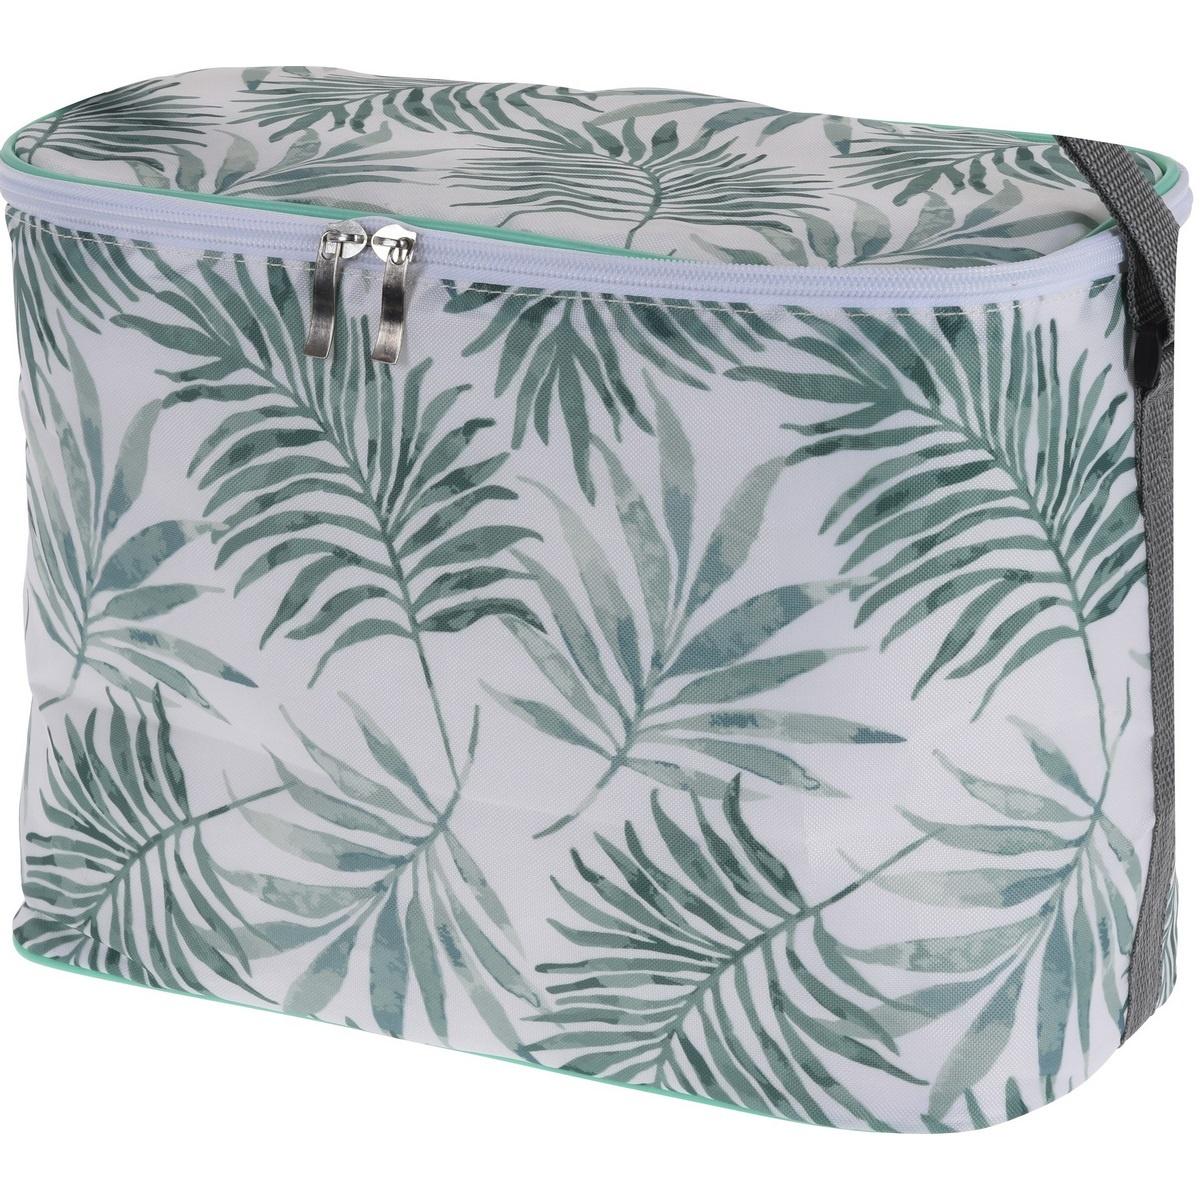 Koopman Chladicí taška Malibu zelená, 30,5 x 16 x 21,5 cm